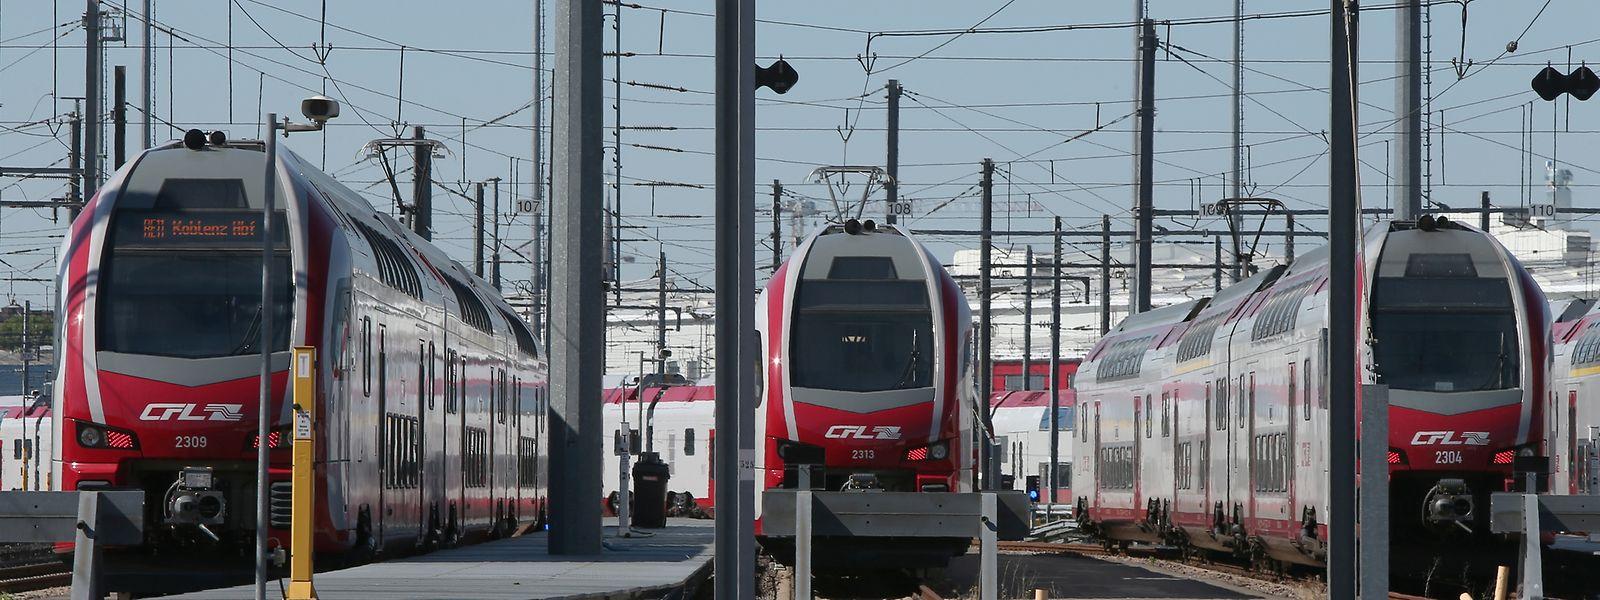 Un nouveau record de fréquentation des trains a été atteint l'année dernière avec 22,9 millions de passagers.